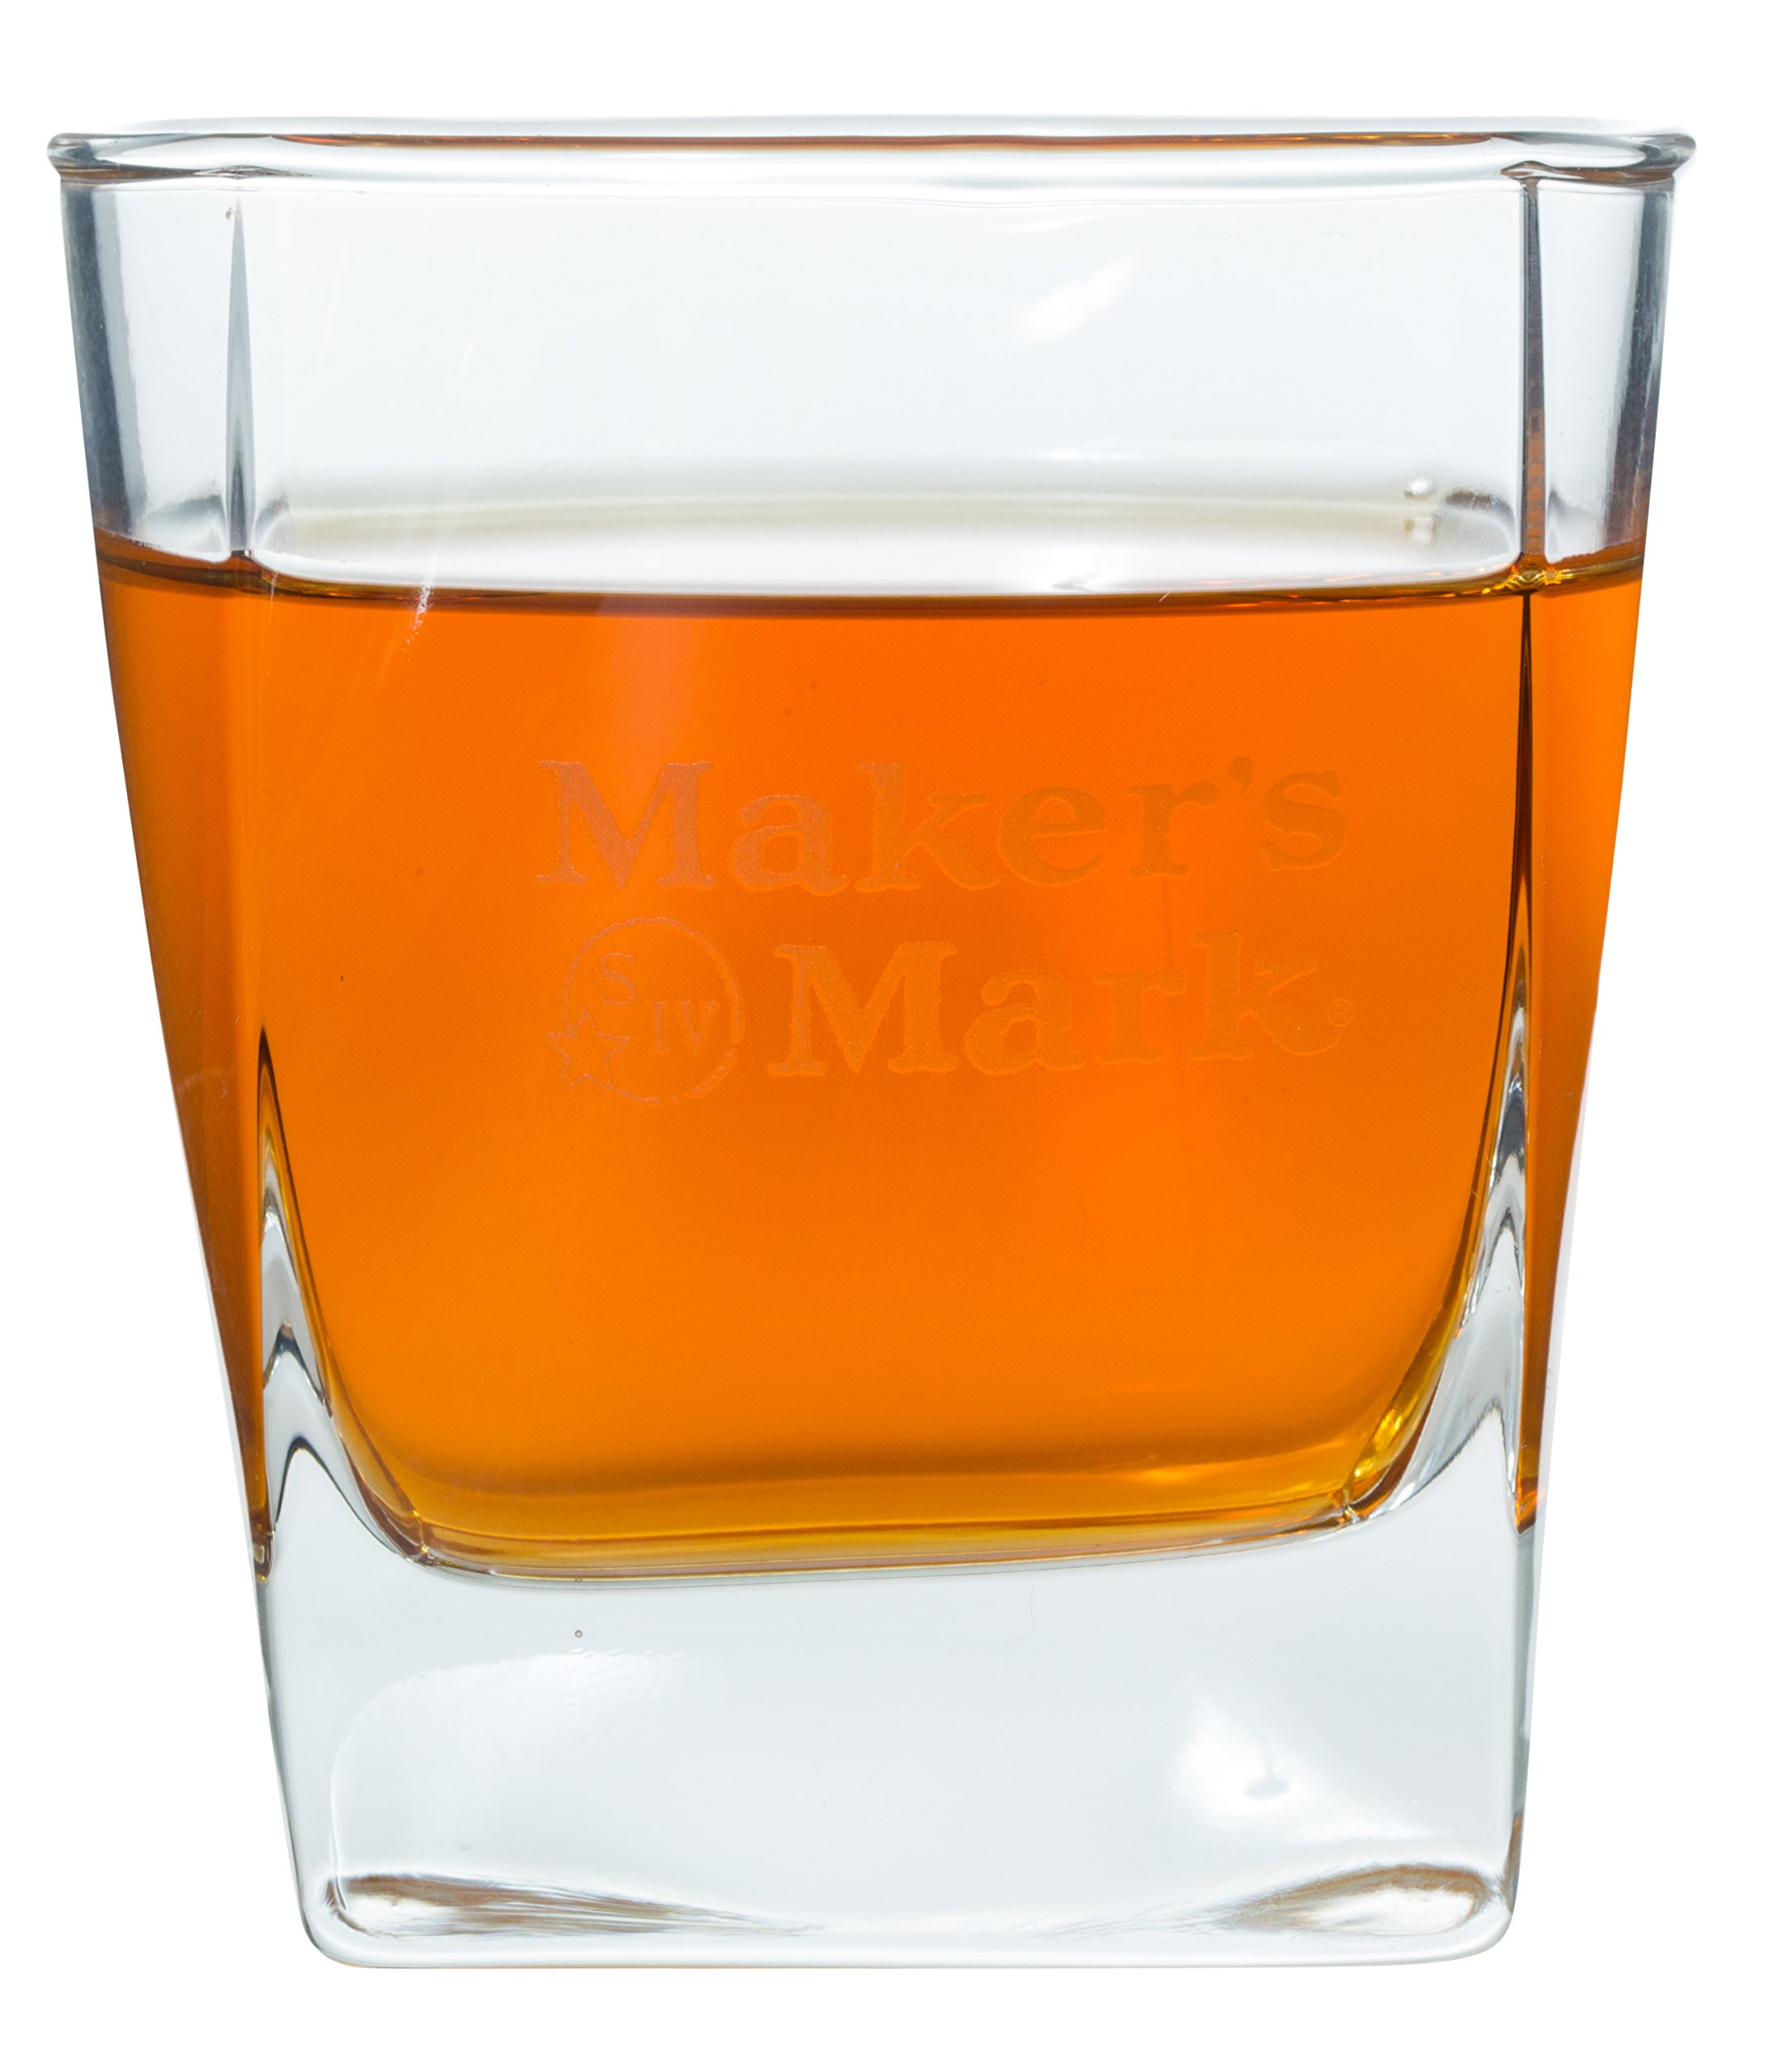 Maker's Mark Bourbon Wax Classic Snifter Glass (1)